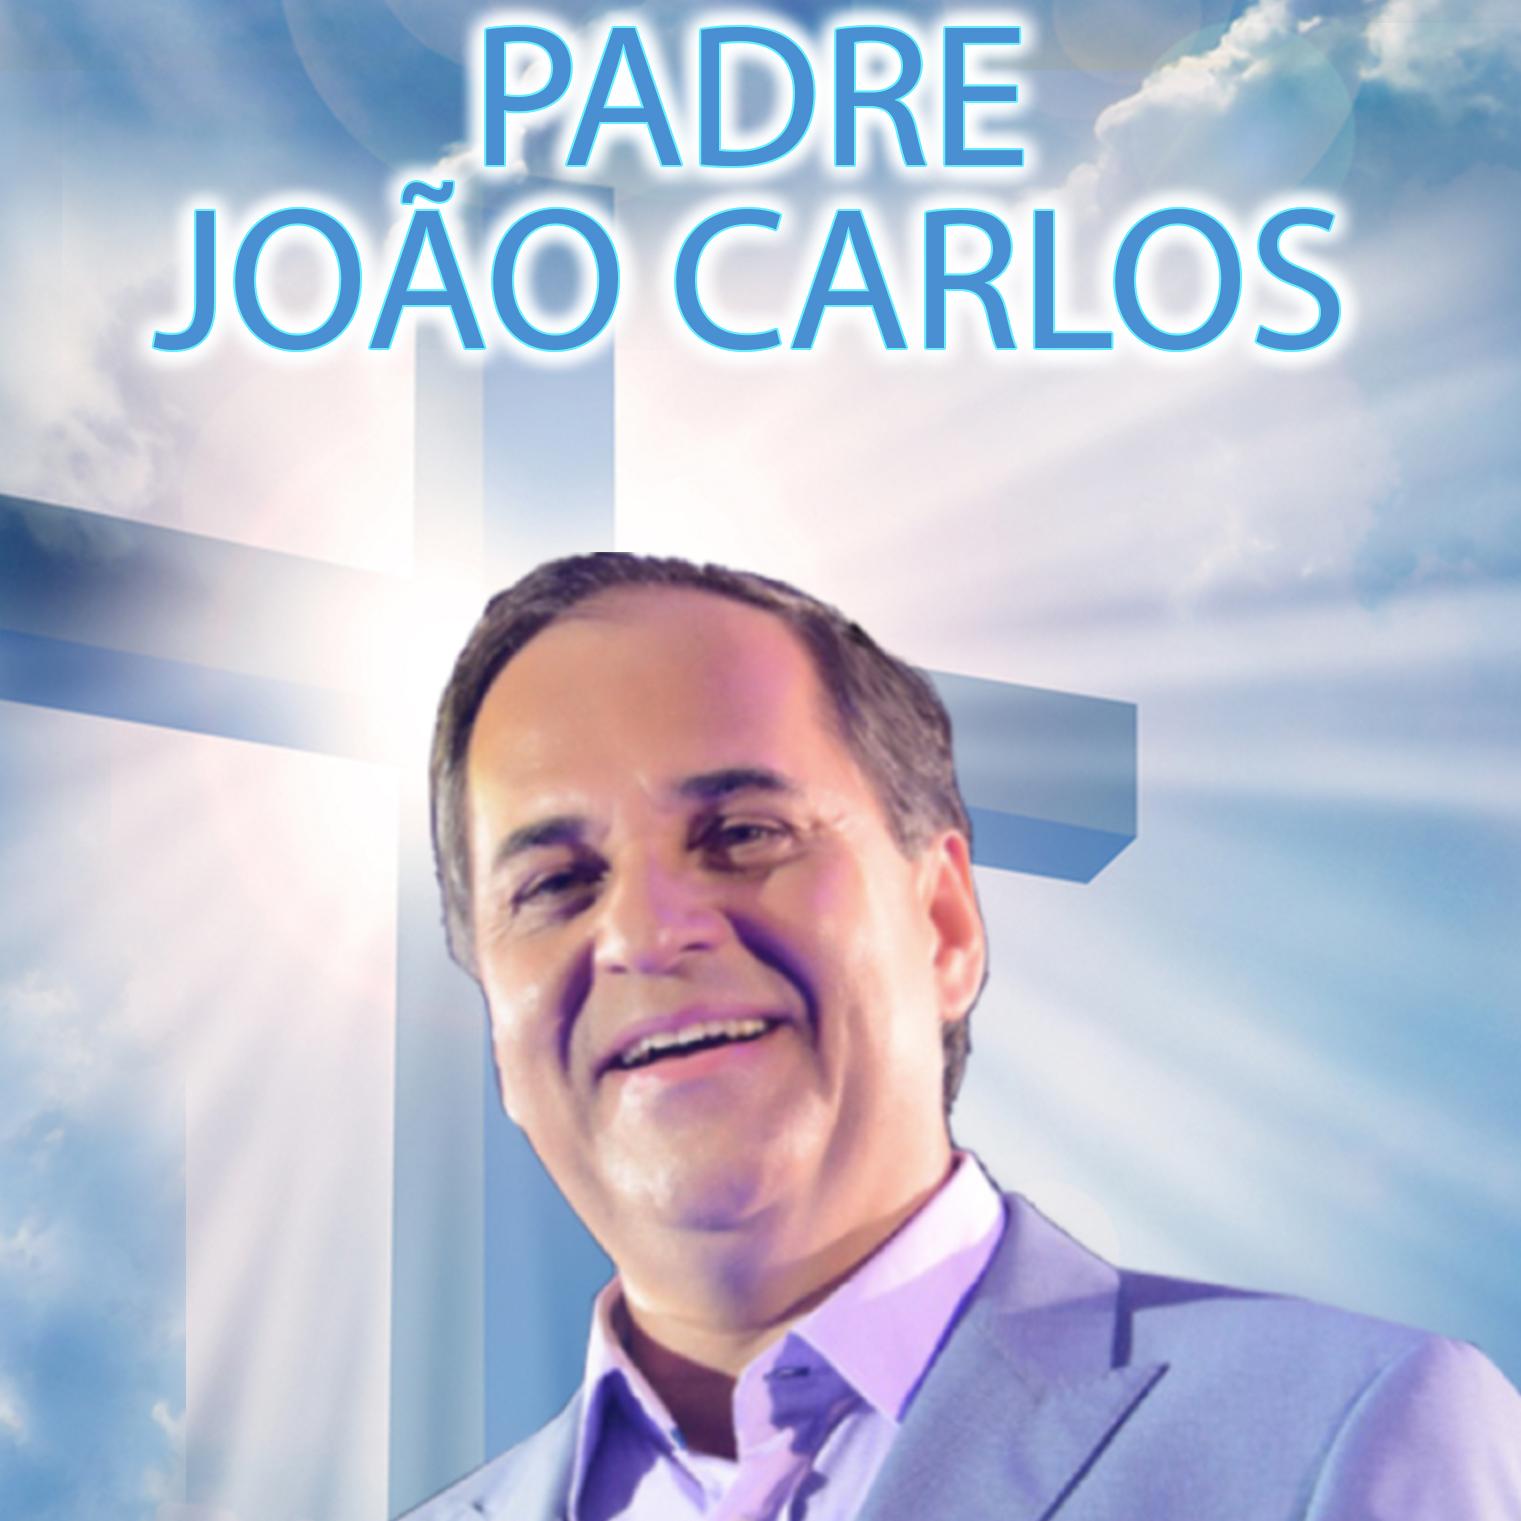 Radio Padre João Carlos